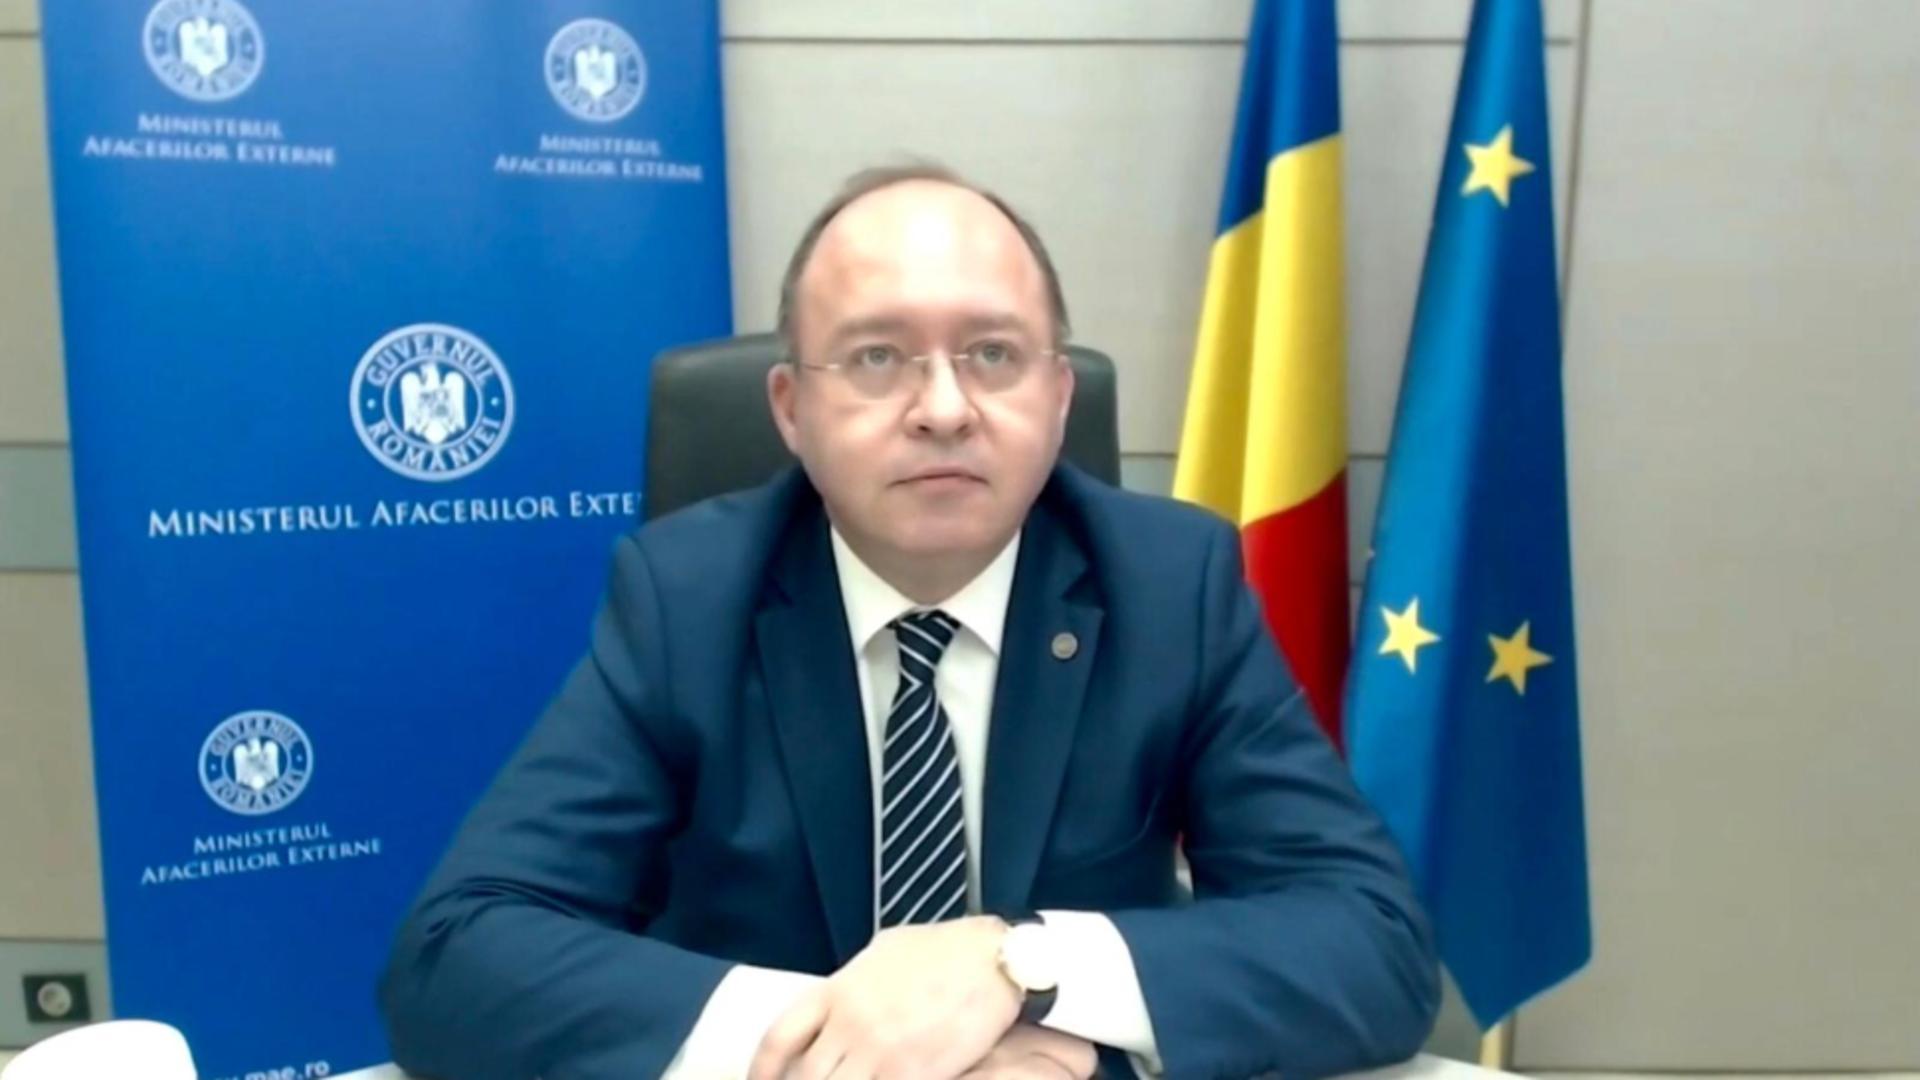 Bogdan Aurescu/foto: cont oficial Twitter